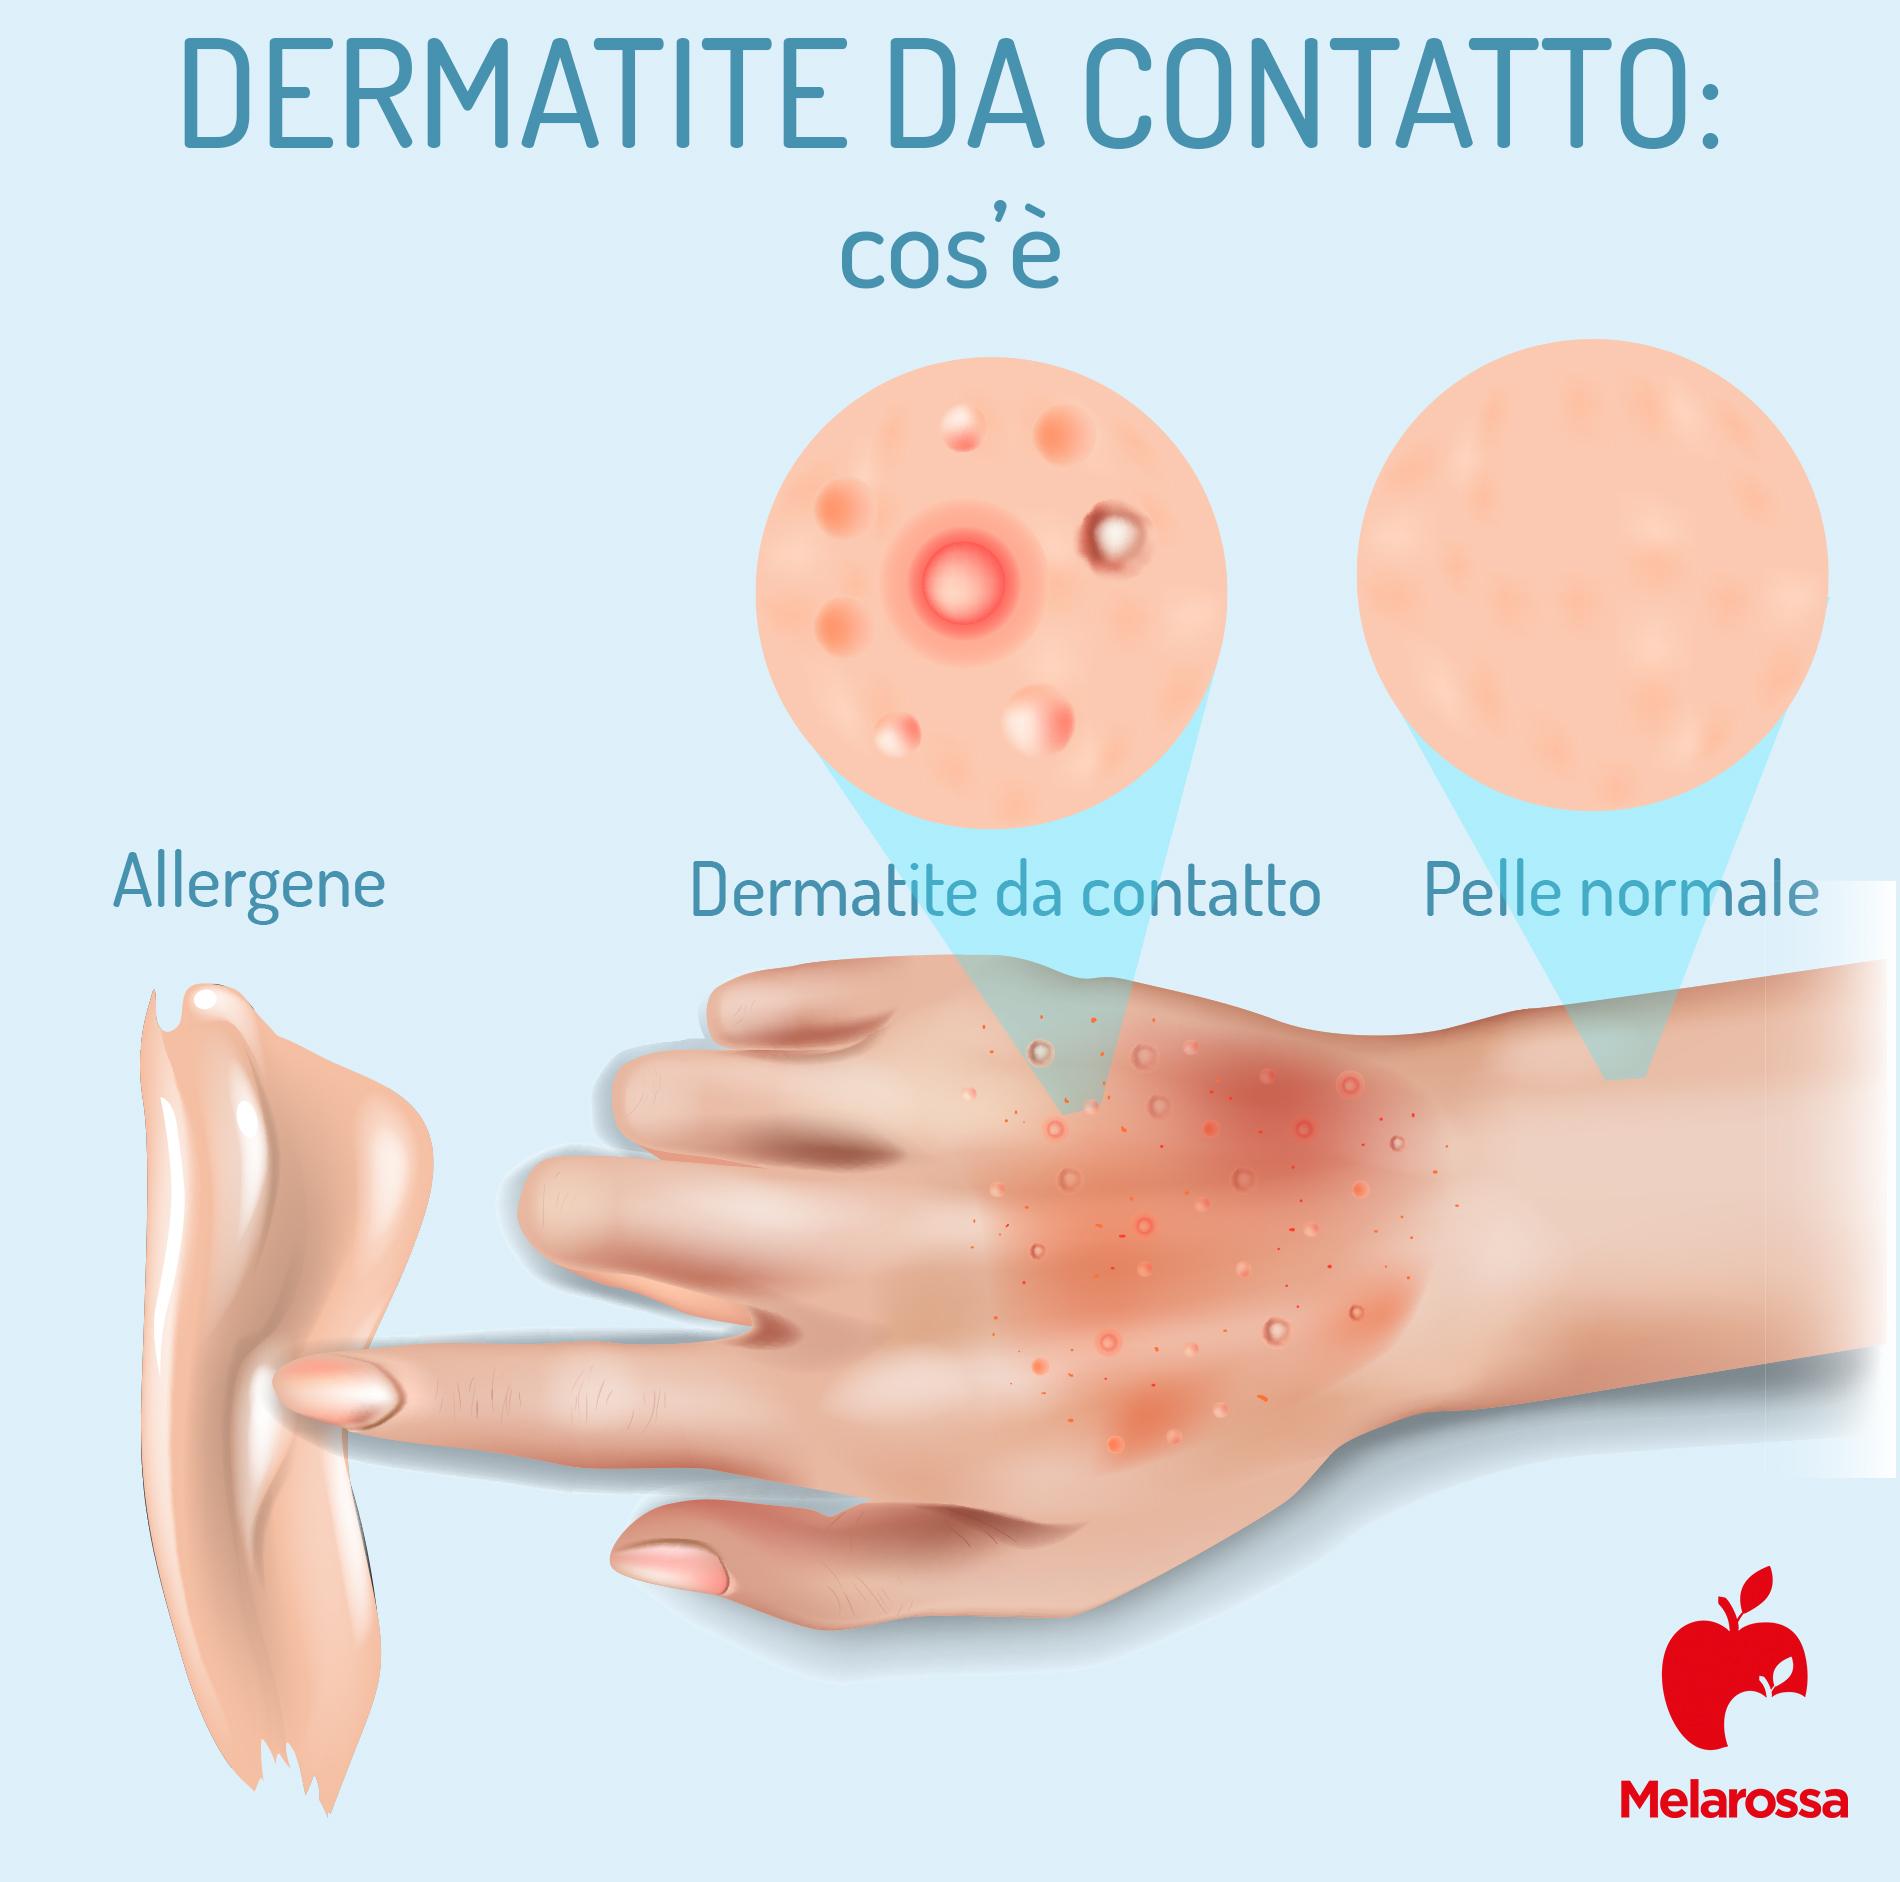 dermatite da contatto: foto